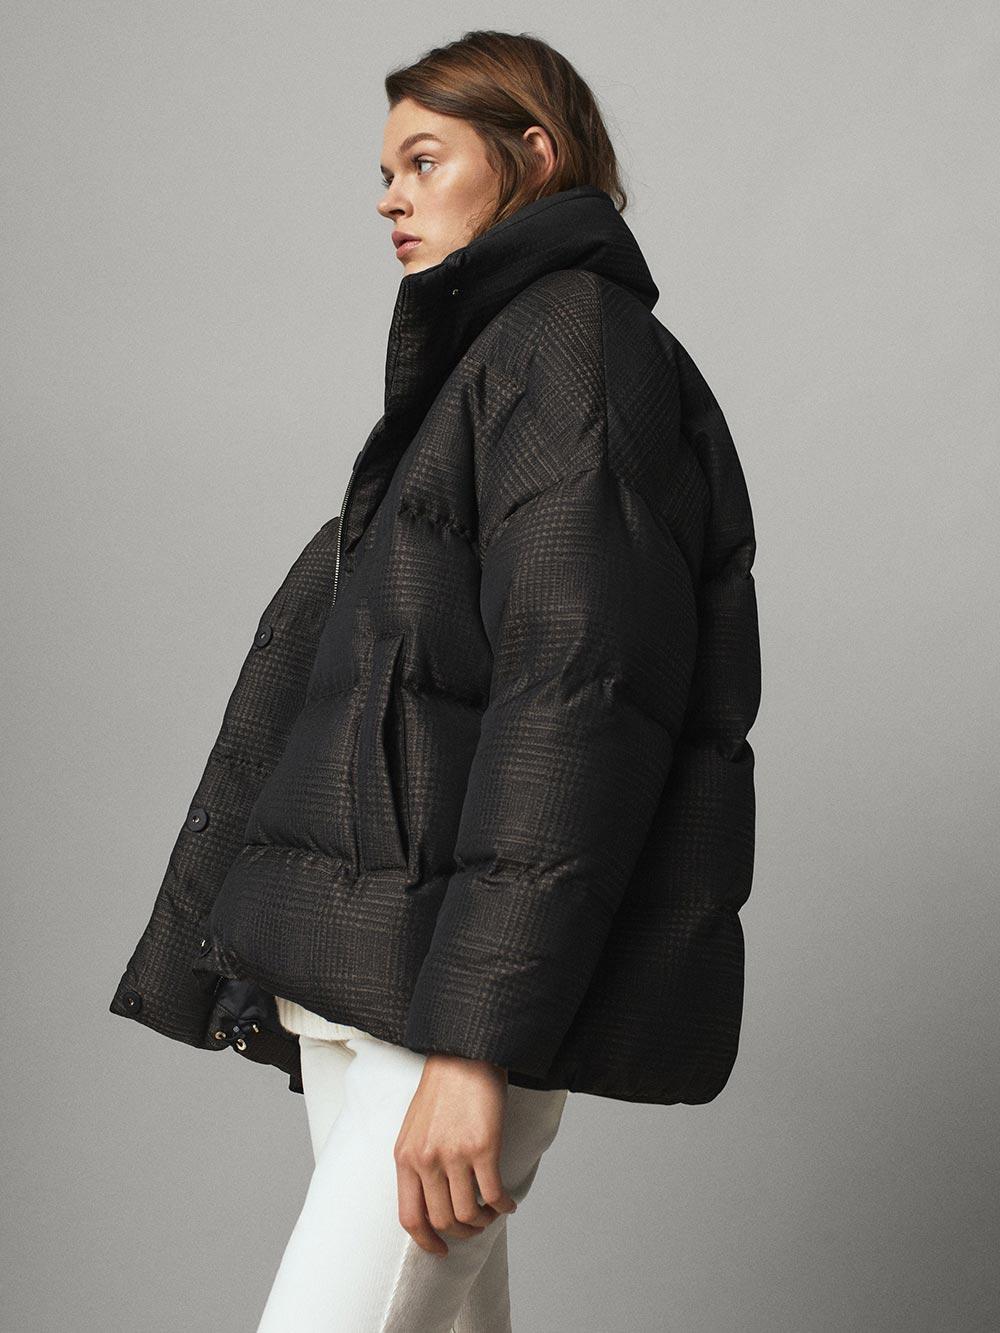 Cách chọn áo khoác phao gọn đẹp, không mập mạp như người Michelin 4